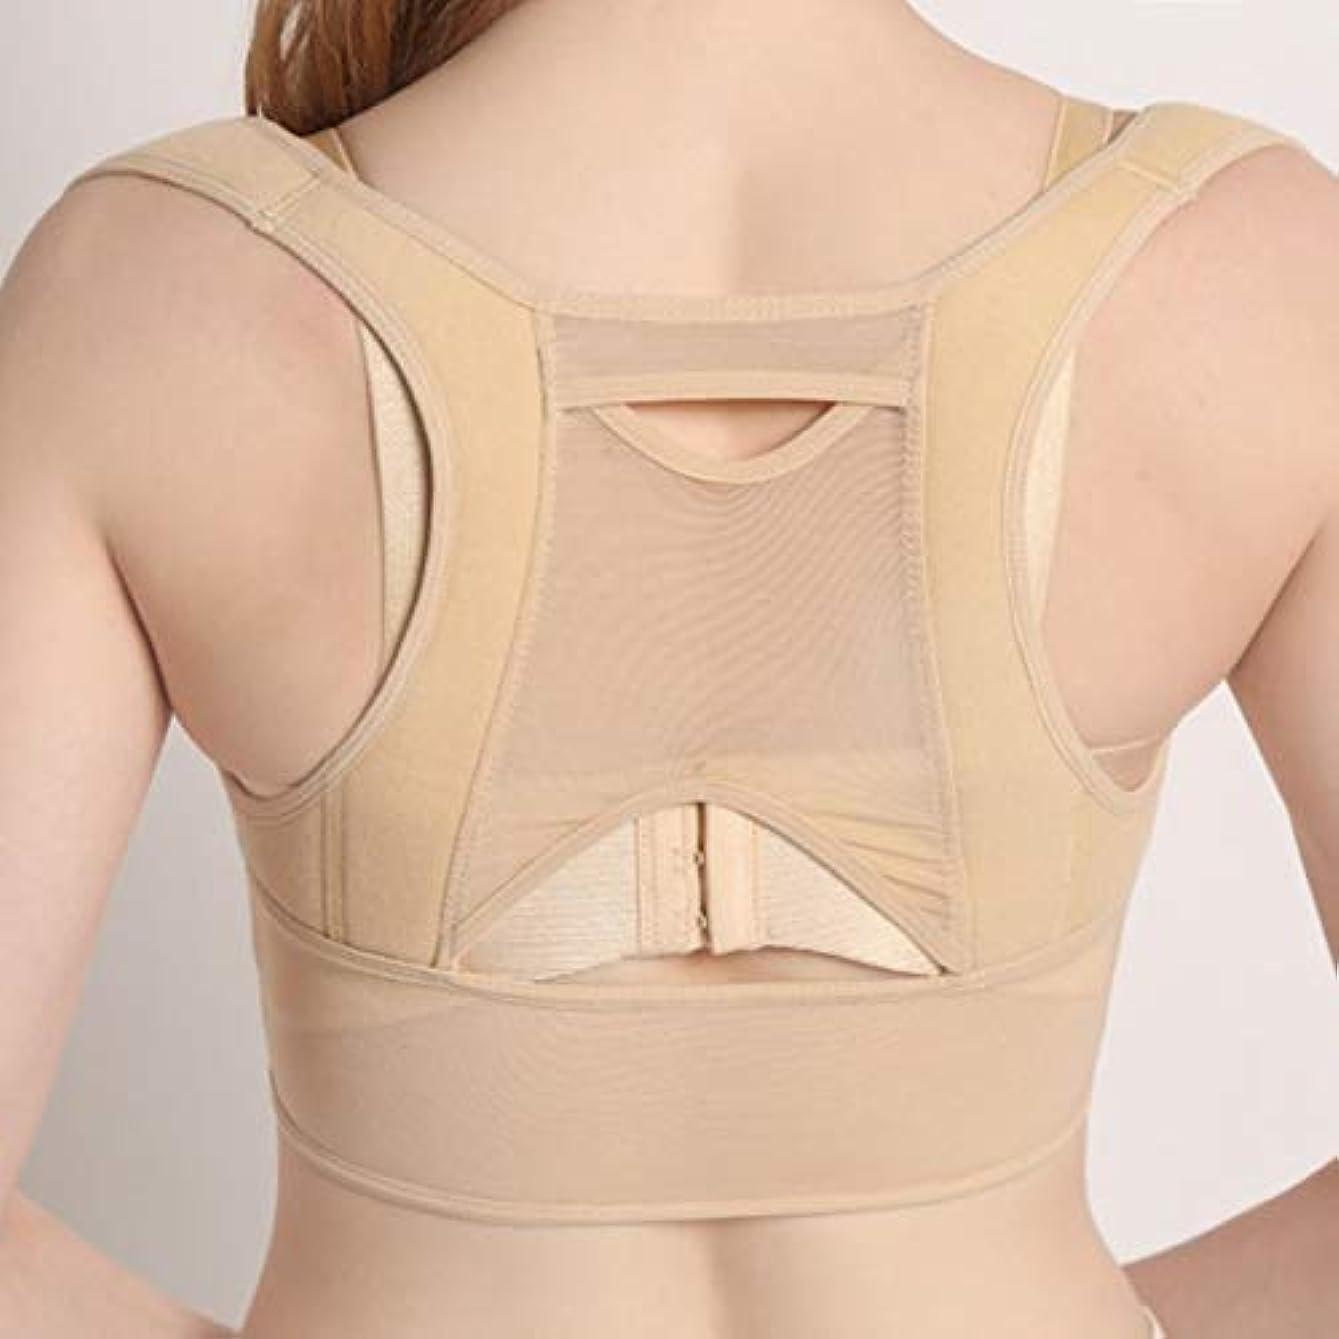 ドラッグストレス祭司インターコアリーボディーコレクション 女性背部姿勢矯正コルセット整形外科肩こり脊椎姿勢矯正腰椎サポート